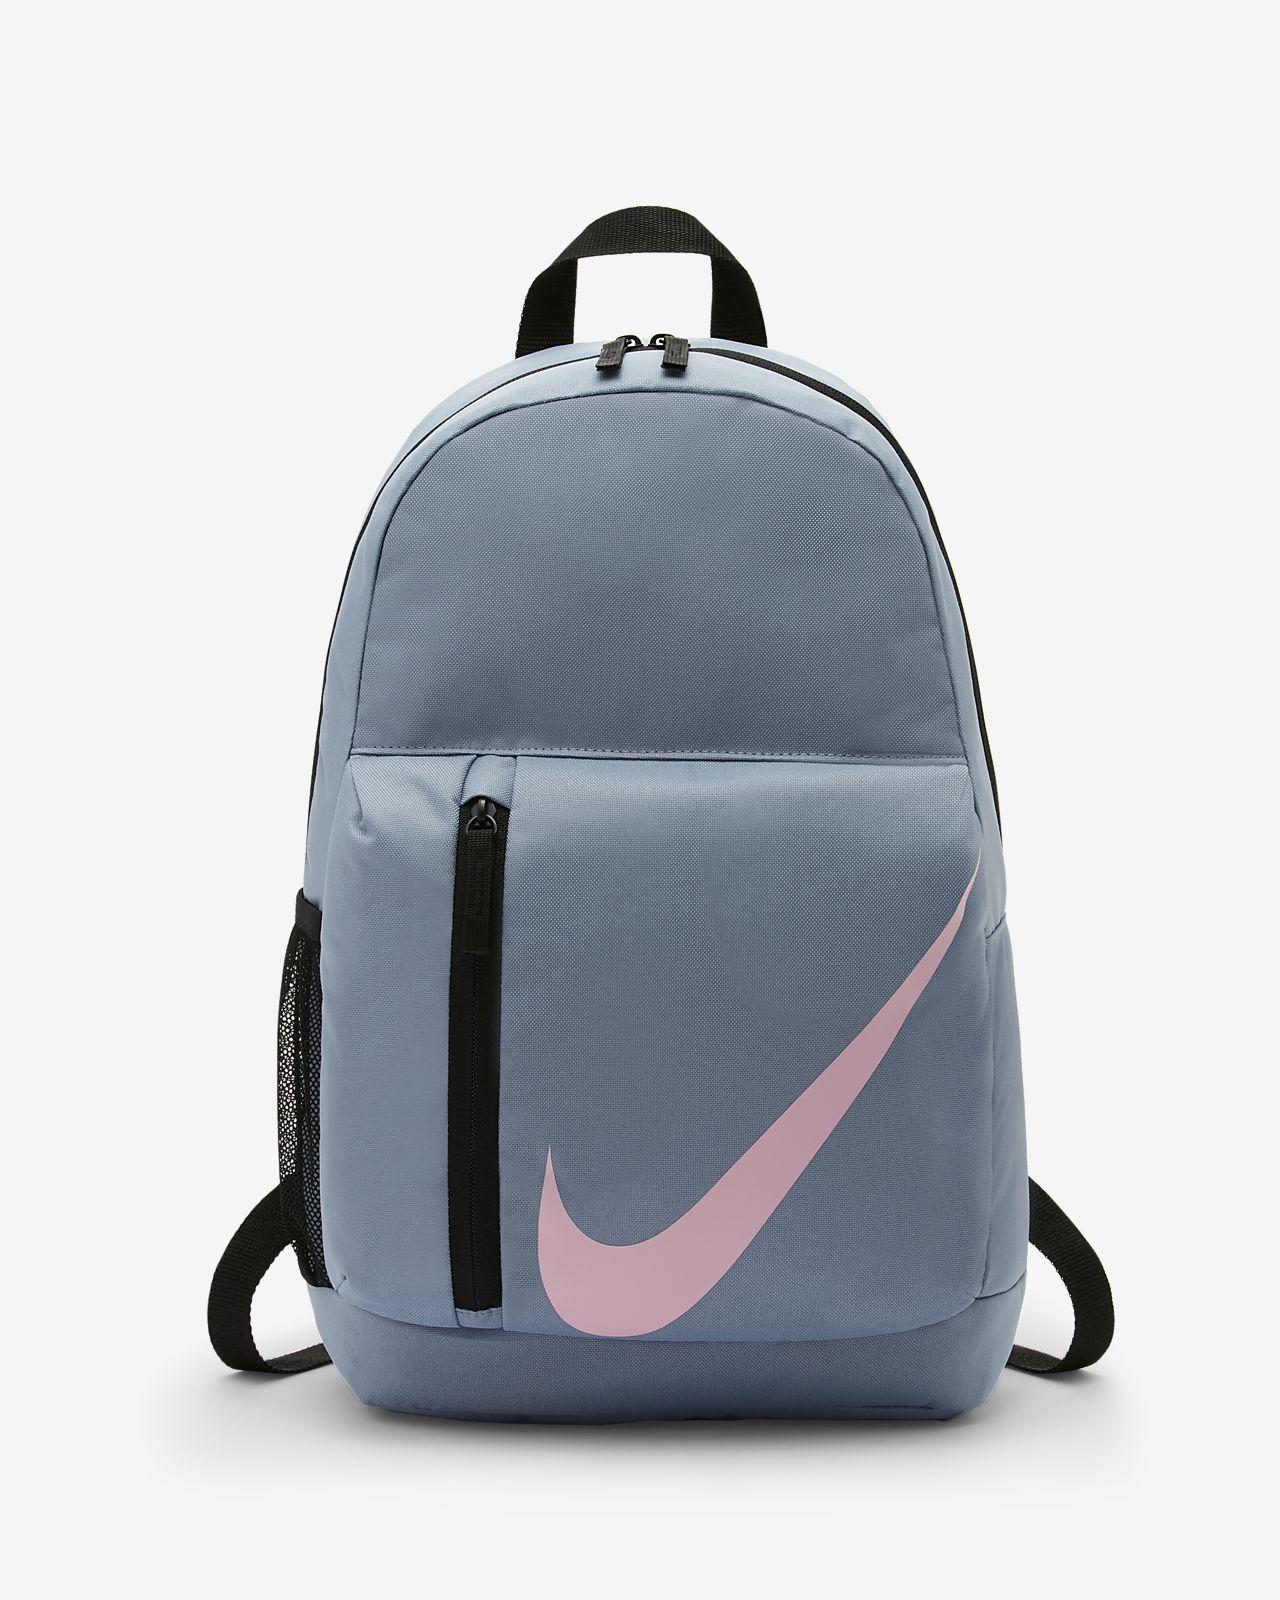 f3817b12c8610 Low Resolution Plecak dziecięcy Nike Plecak dziecięcy Nike